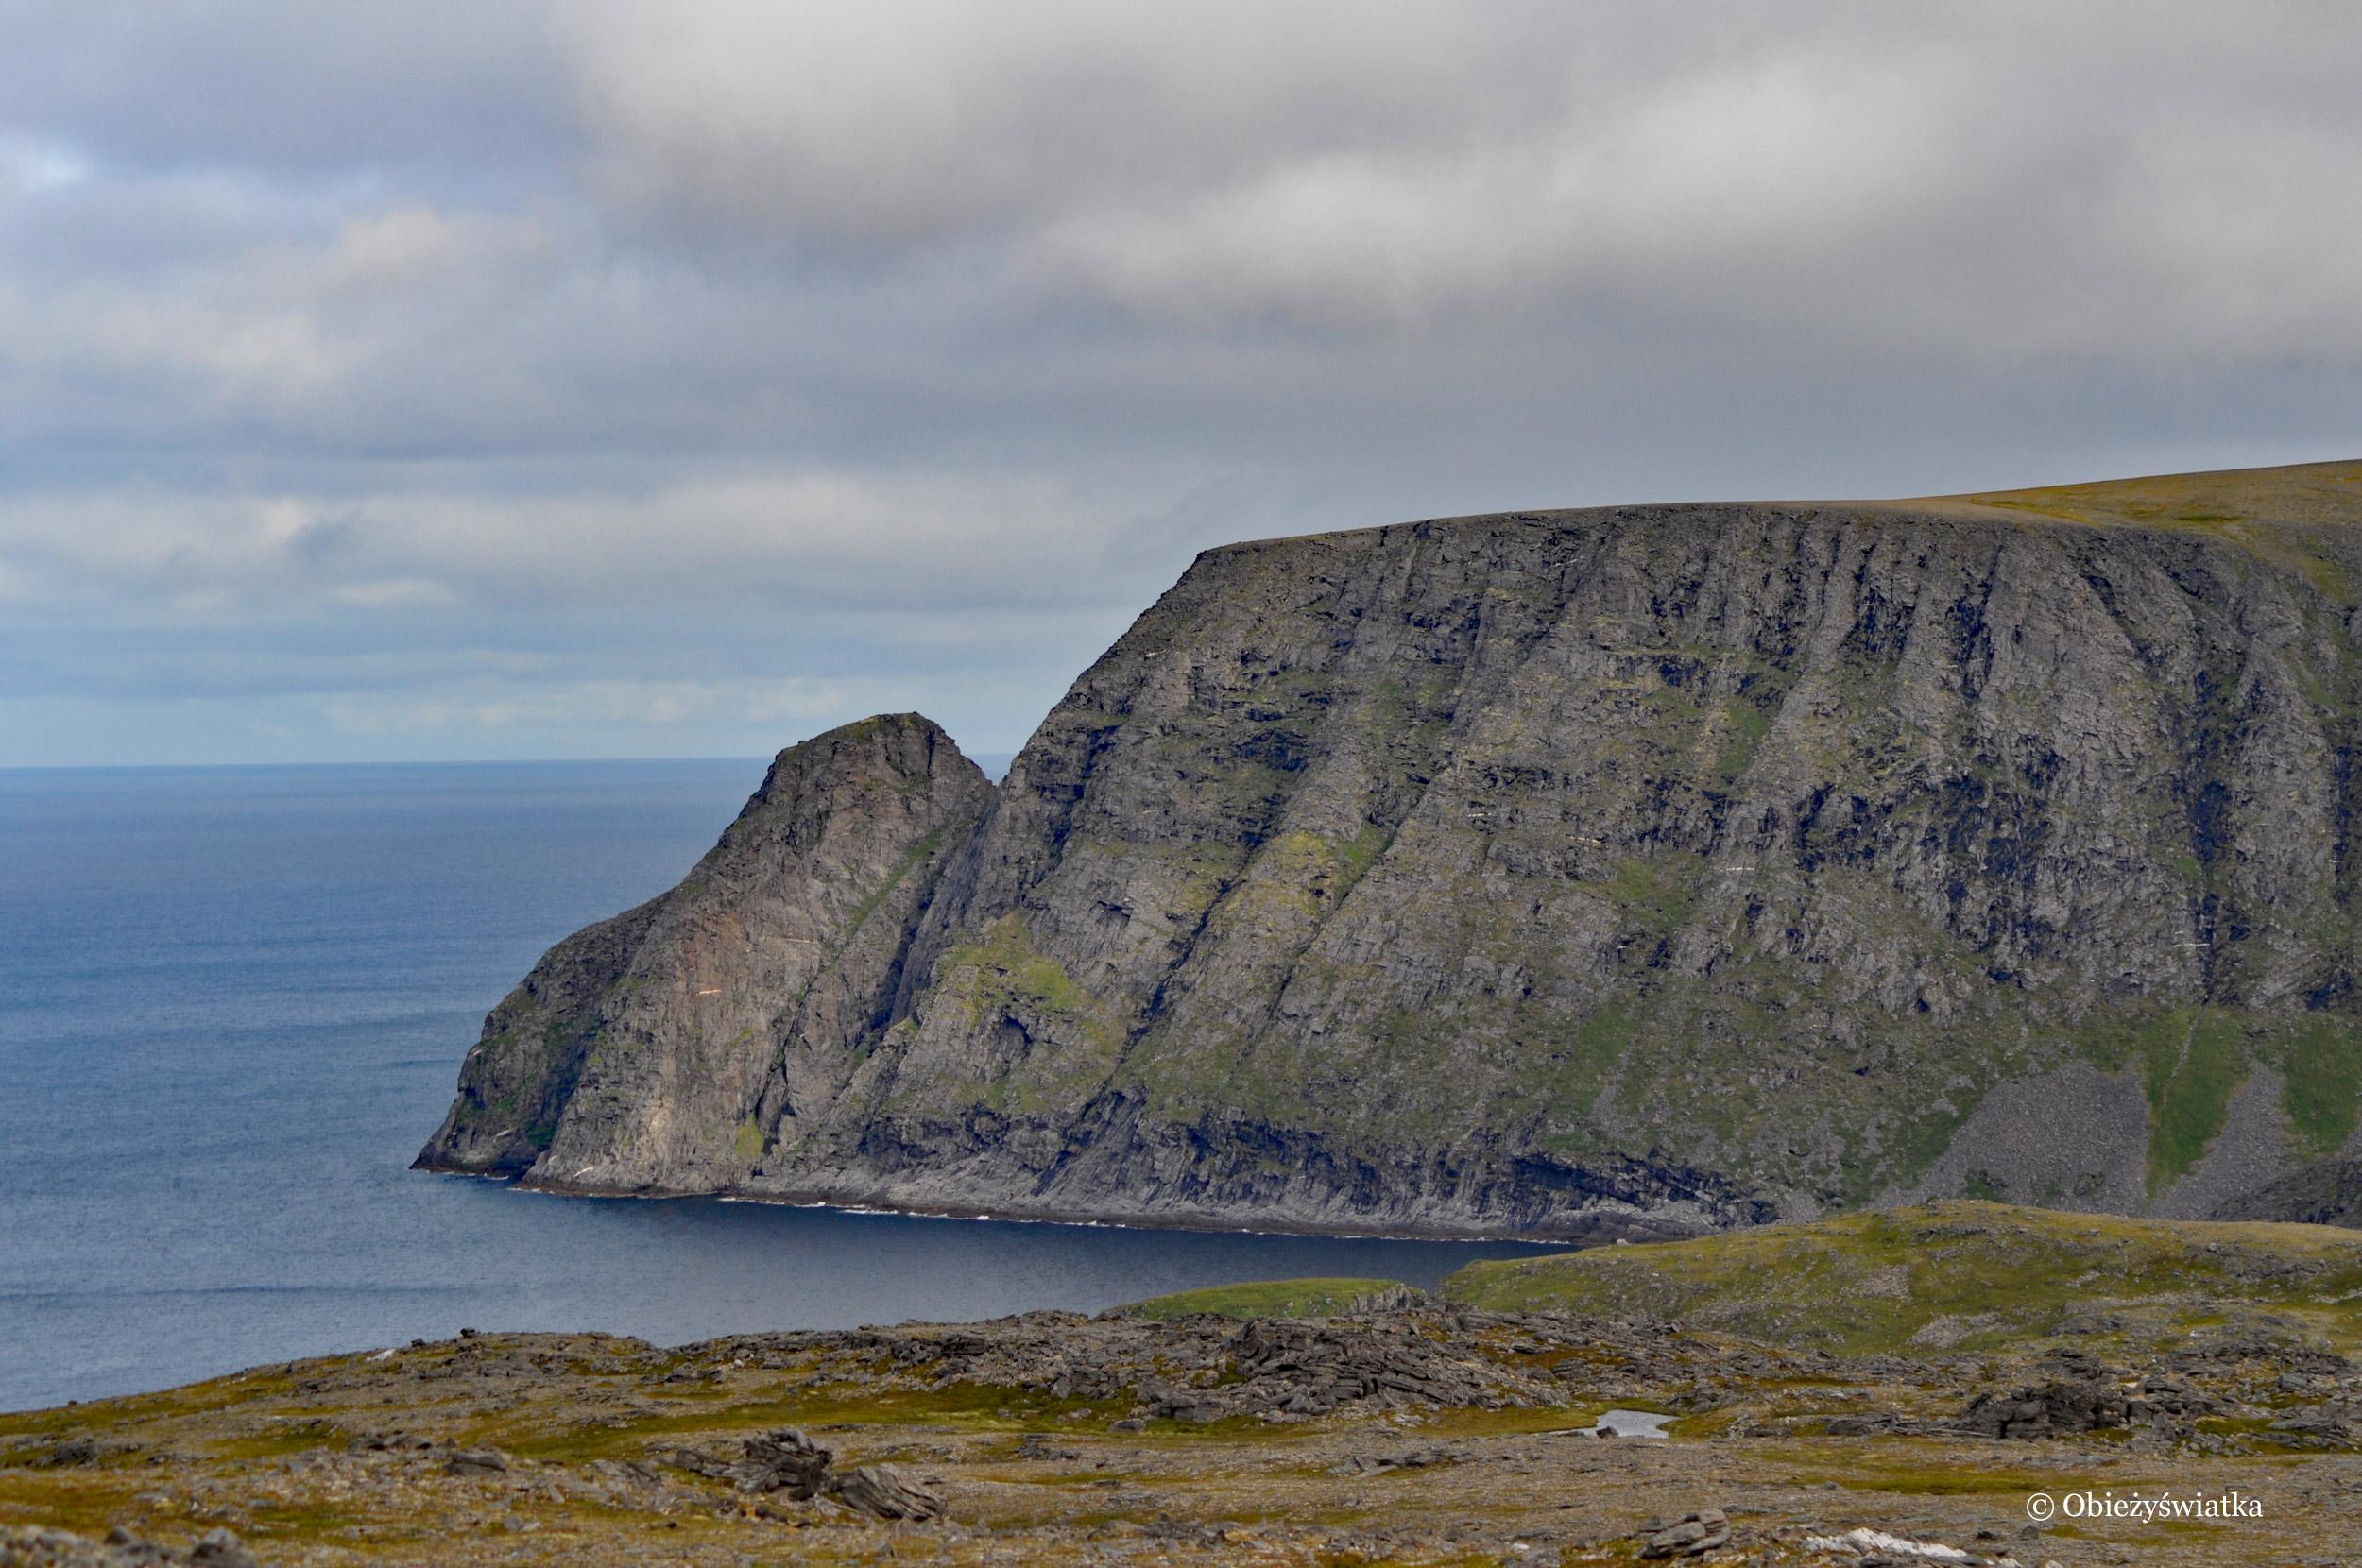 Skały Przylądku Północnego, Nordkapp, Norwegia